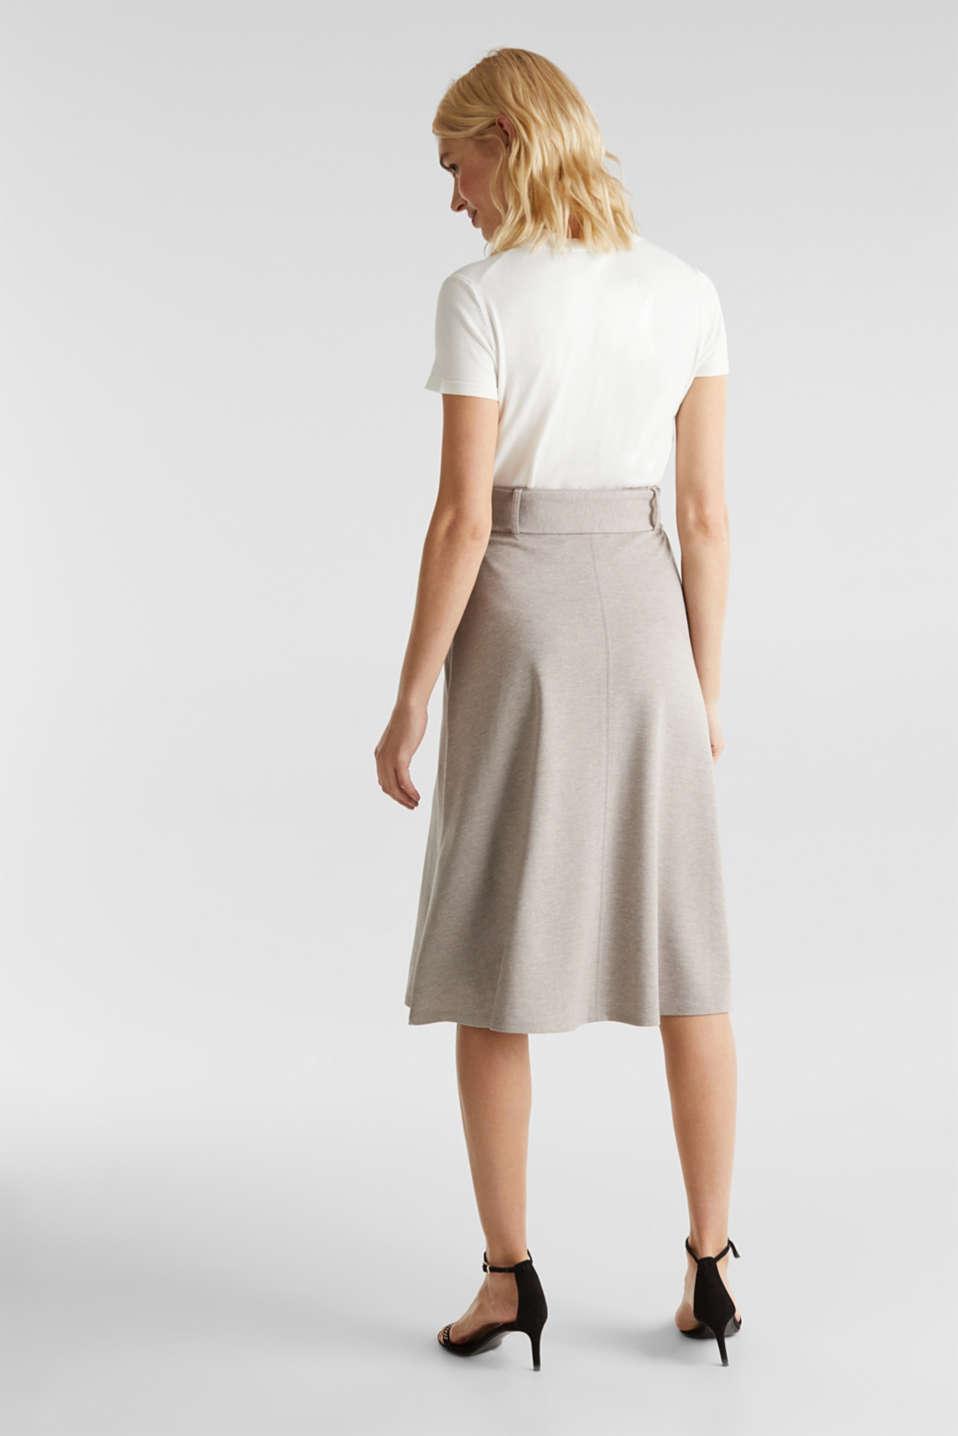 Melange A-line jersey skirt, LIGHT BEIGE, detail image number 3